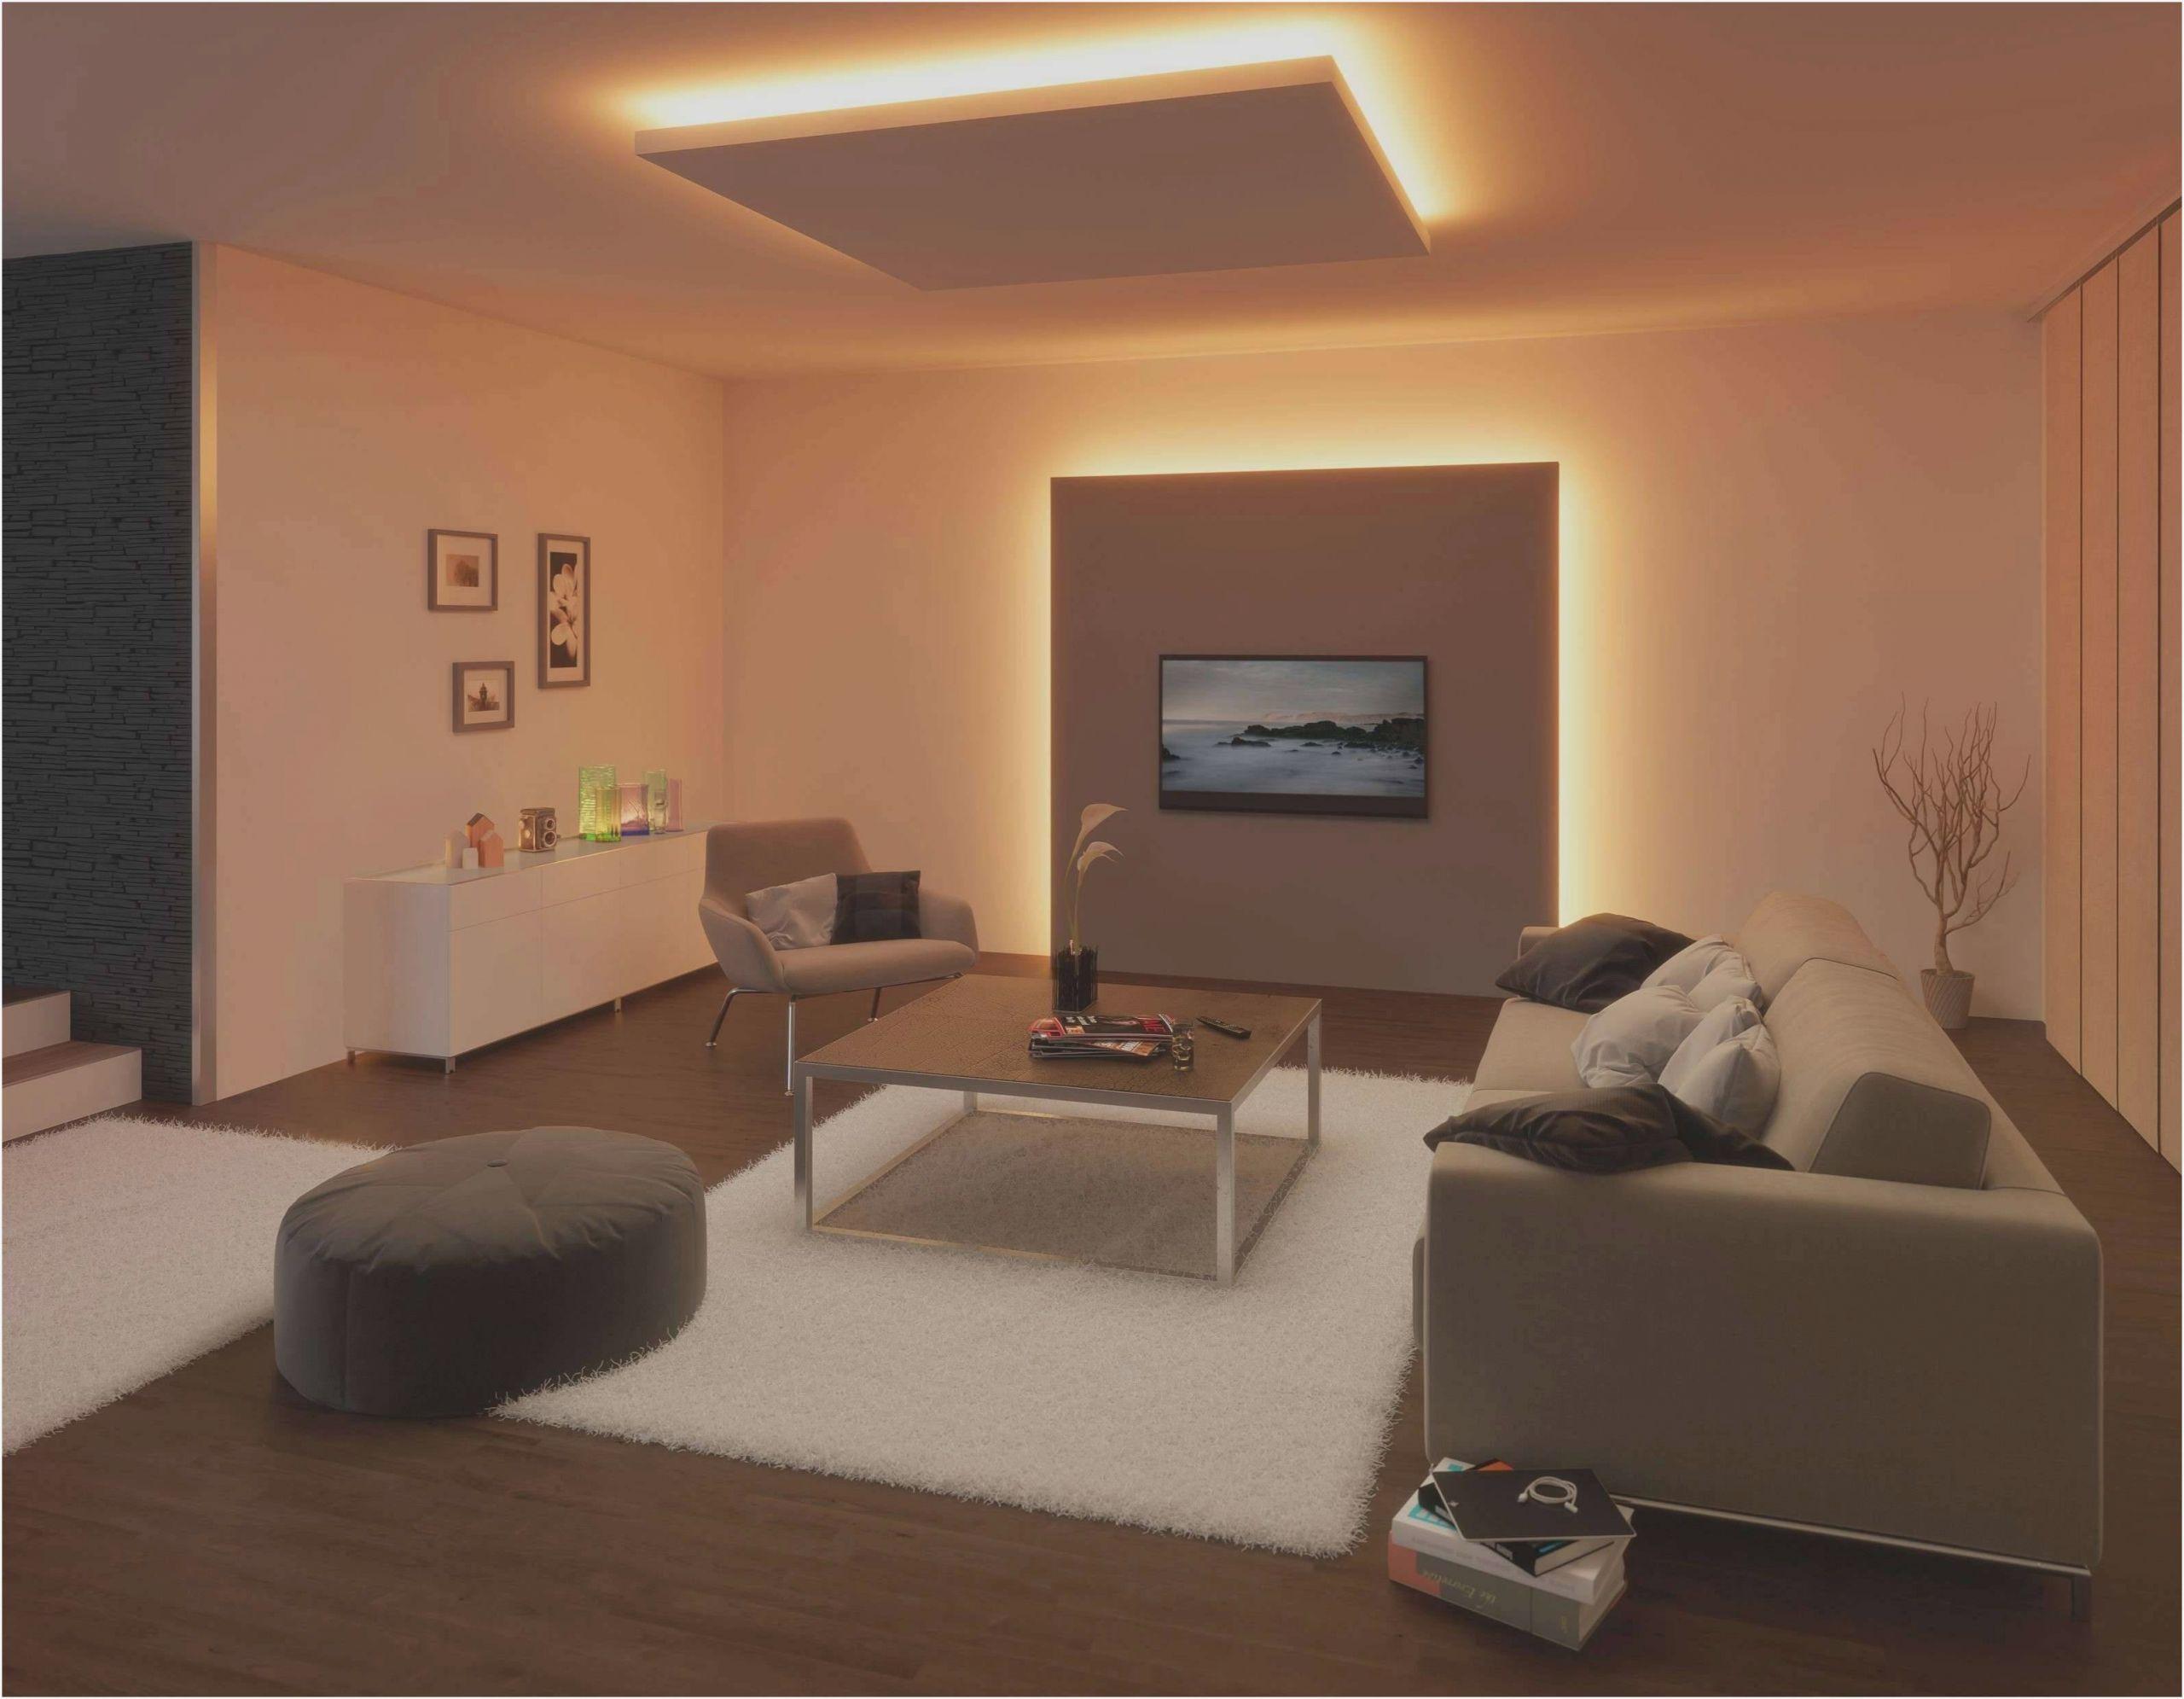 Deko Ideen Elegant Landhausstil Wohnzimmer Deko Ideen Wohnzimmer Traumhaus